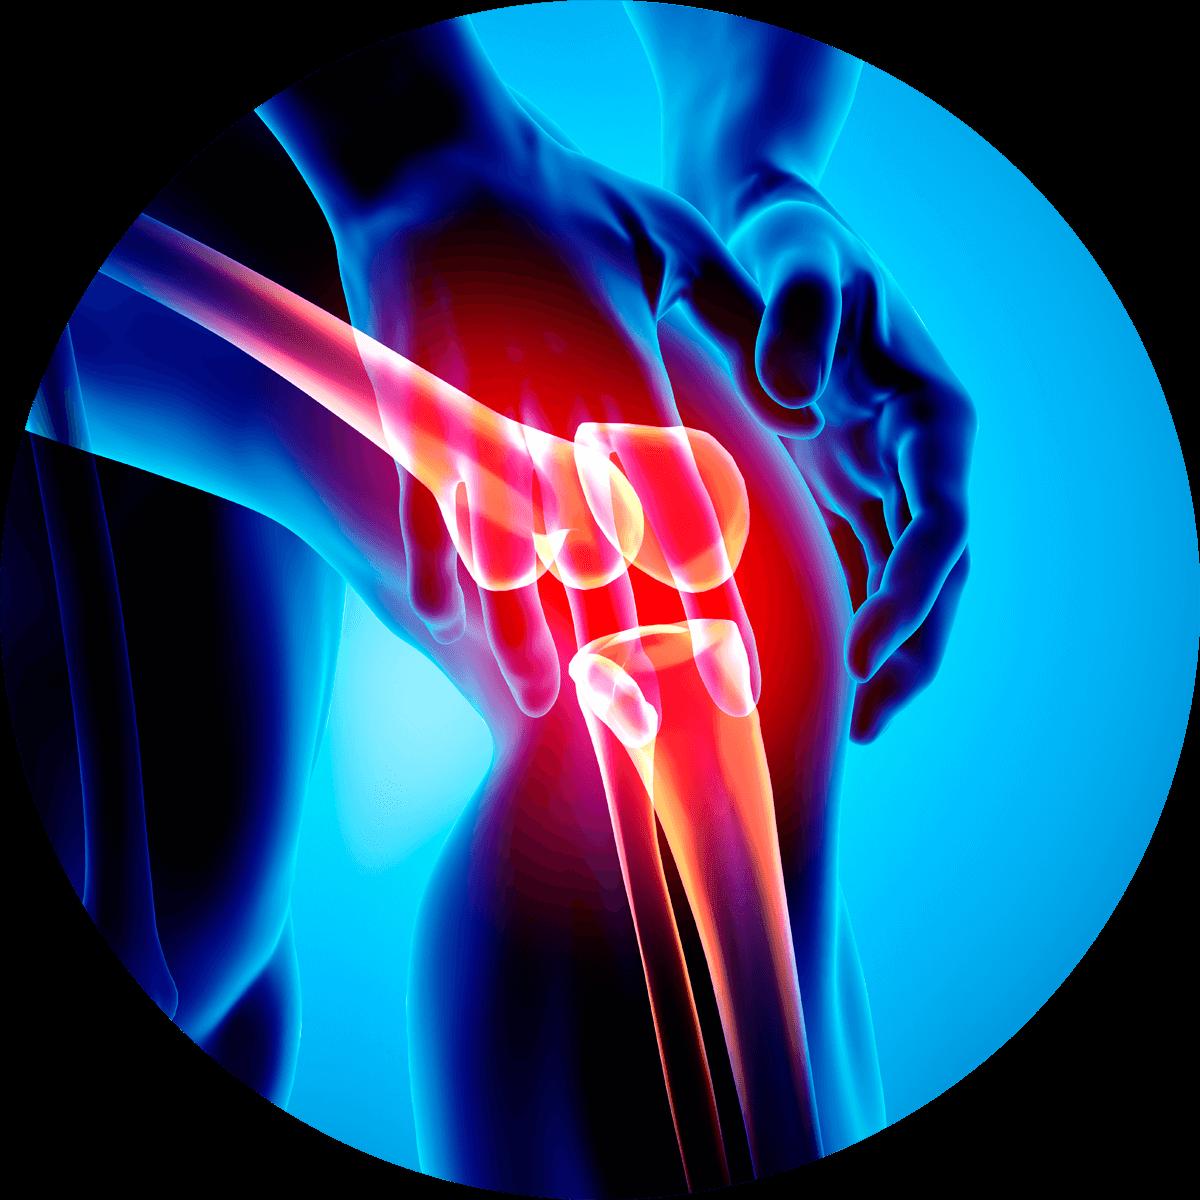 Przewlekły ból kolana